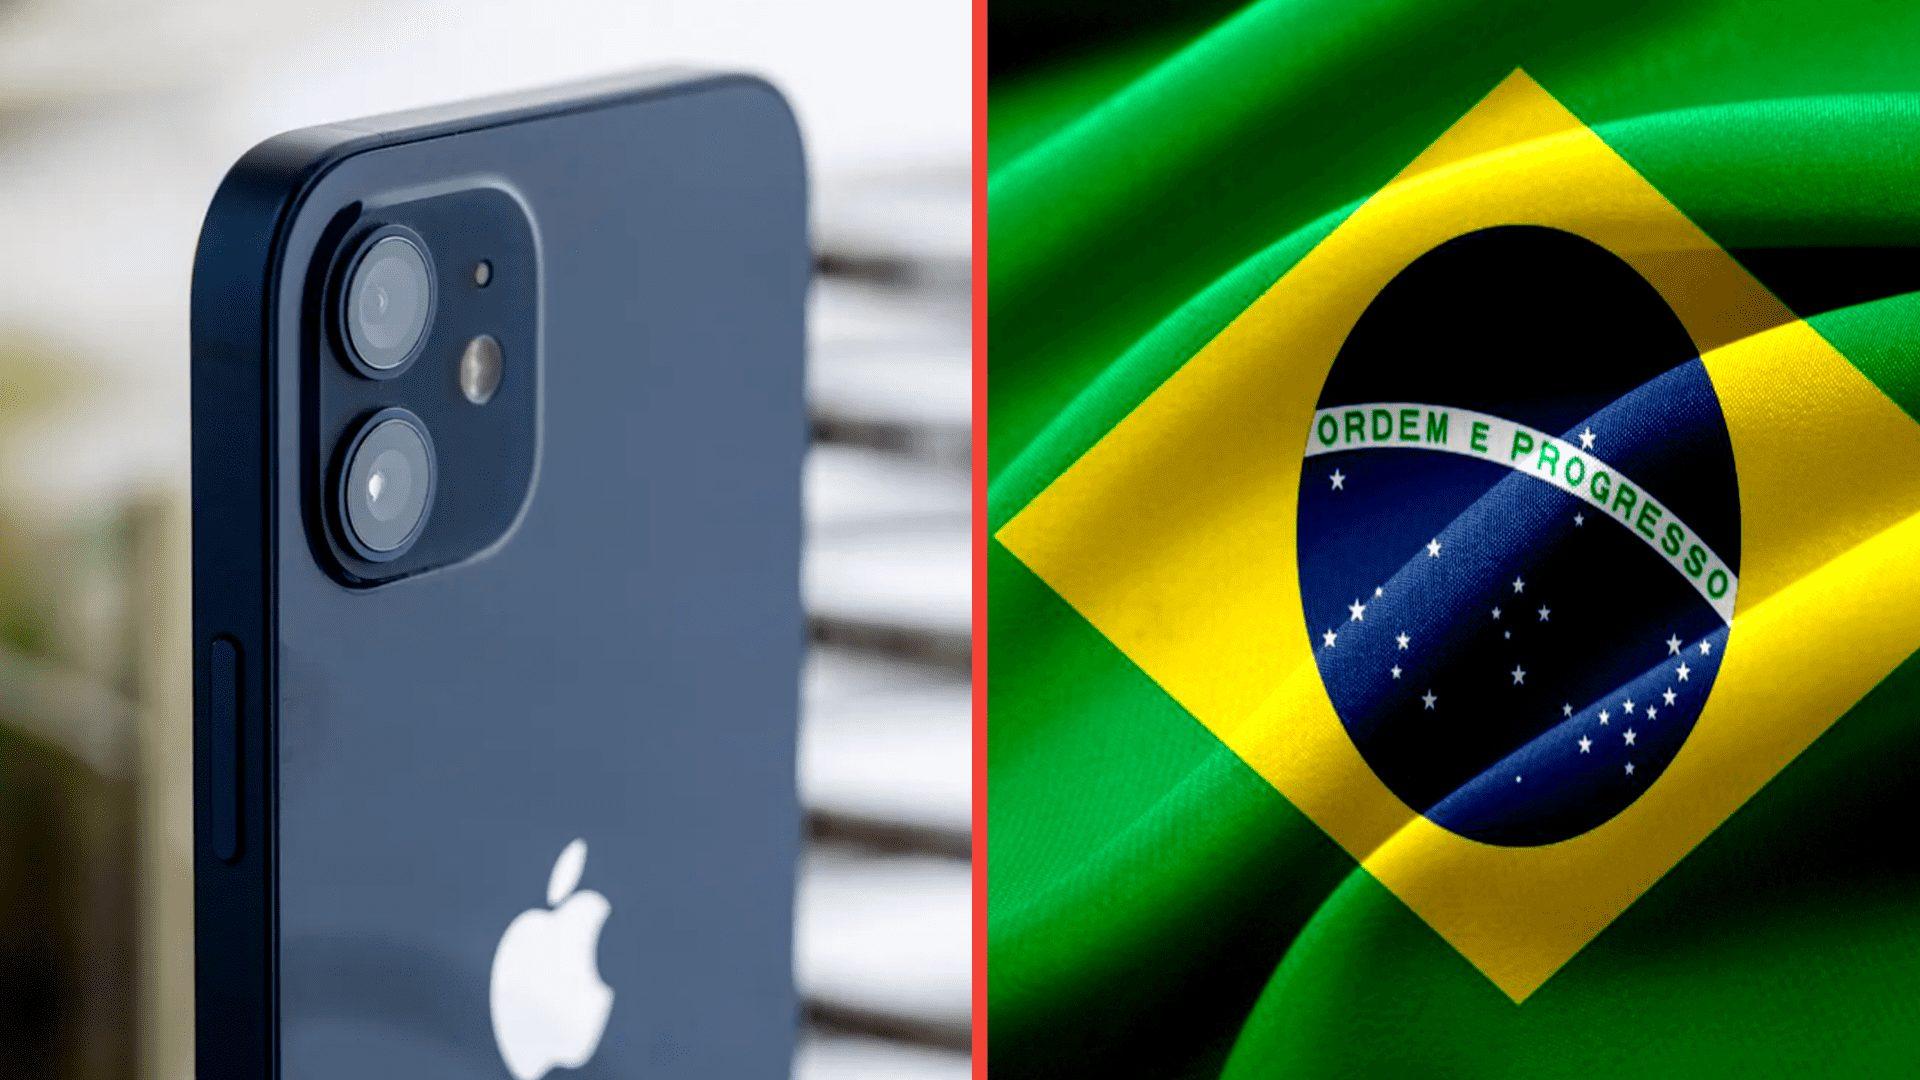 البرازيل تغريم Apple مبلغ 2 مليون دولار والسبب iPhone 12